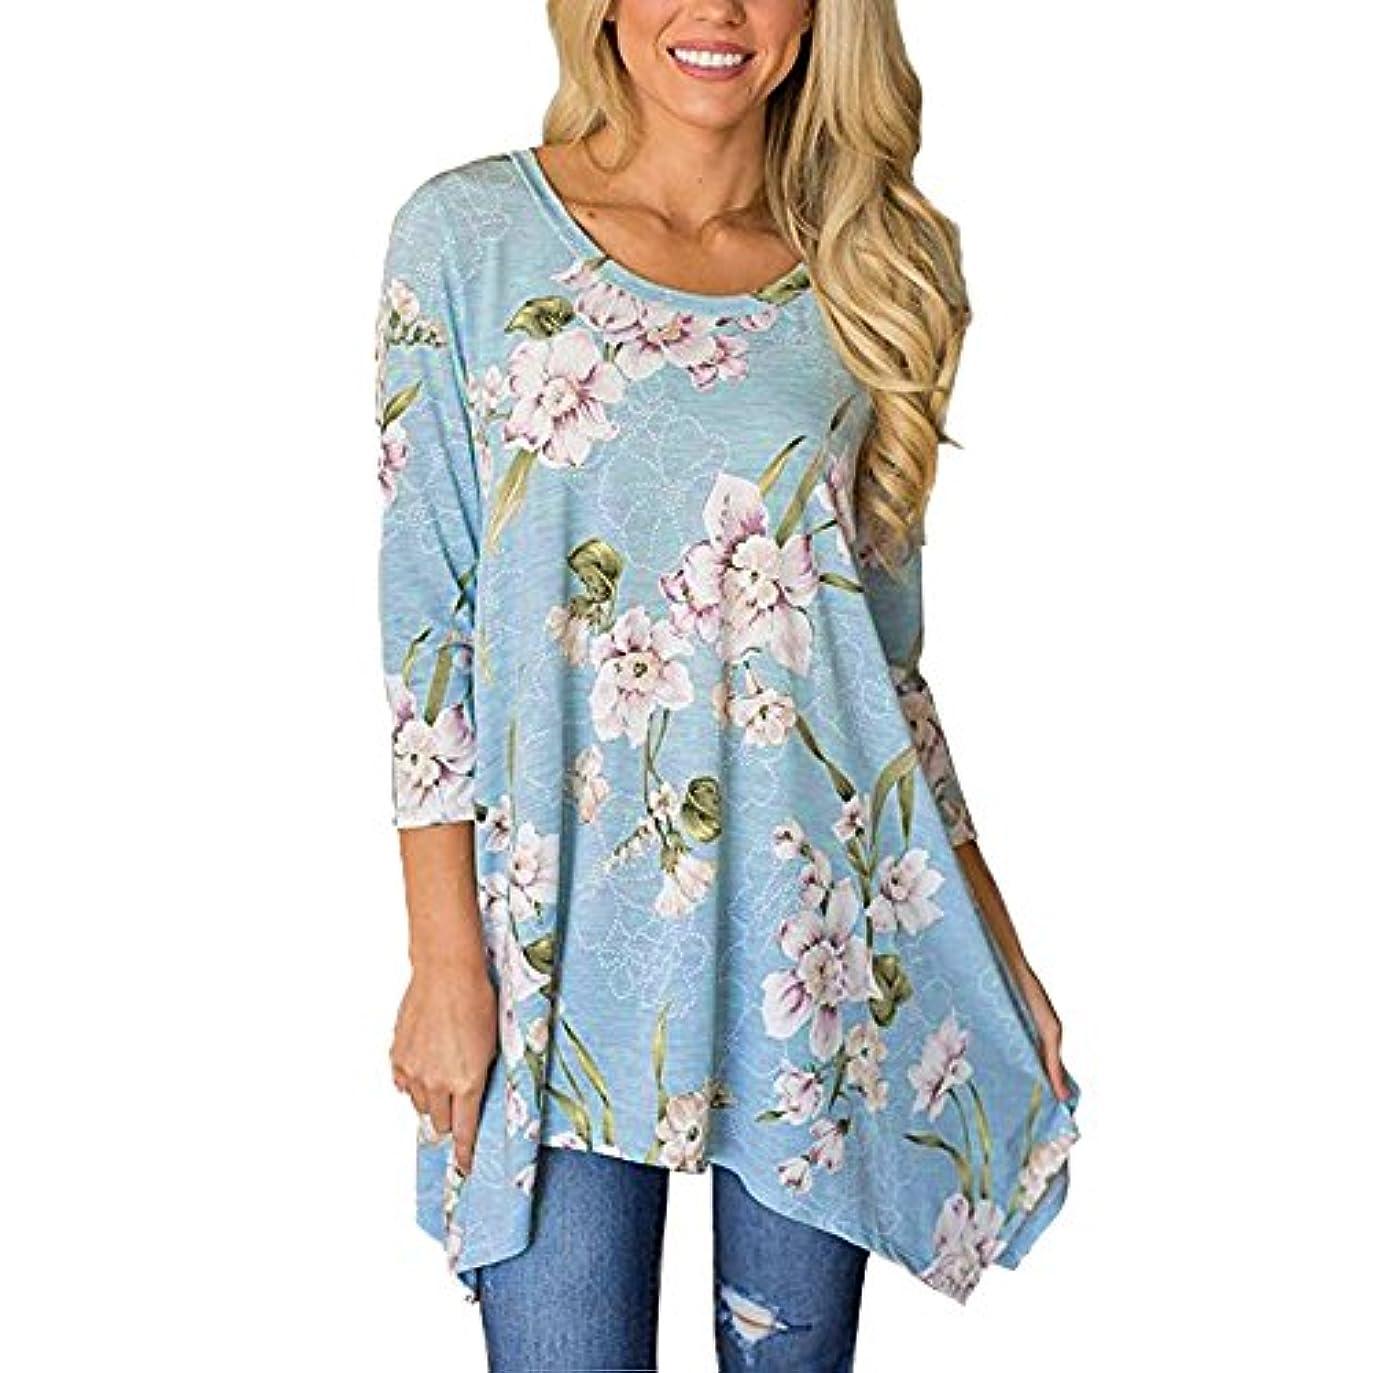 すでにオーナーステップSakuraBest Women Loose Flowy Flowers Long Sleeve Tank T Shirts Tops Irregular Blouse